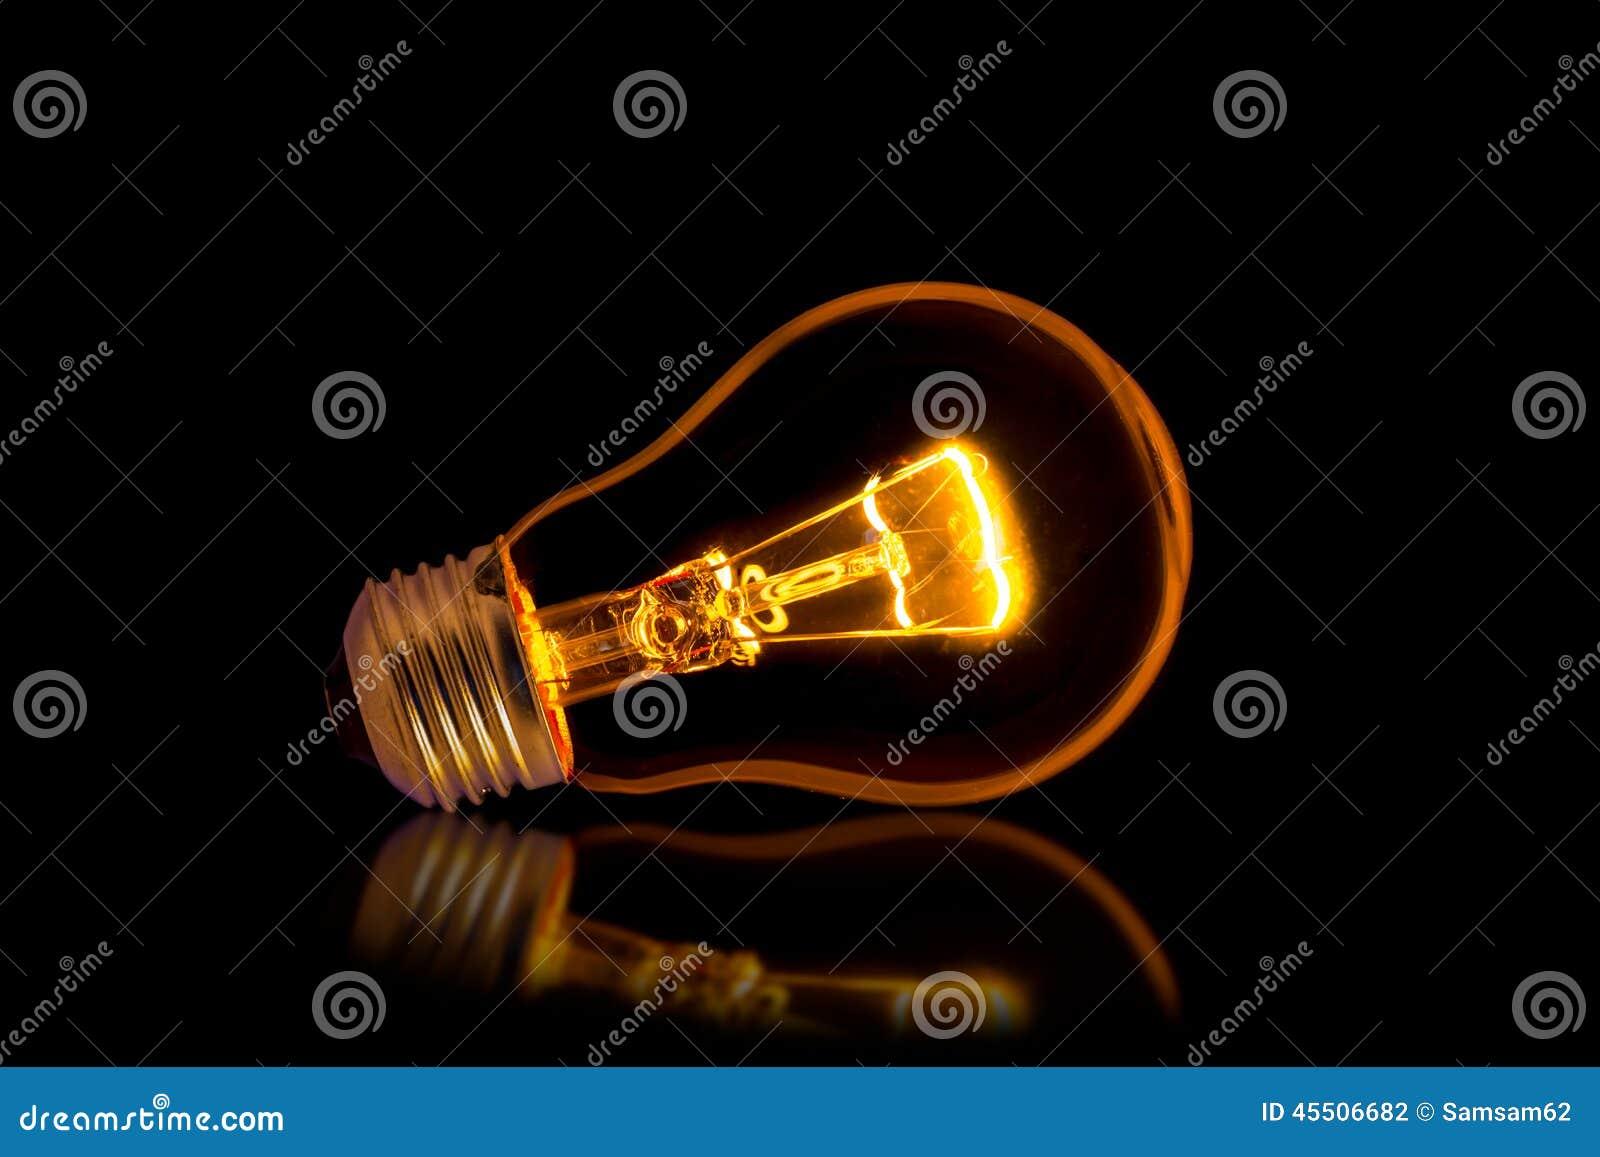 Pojęcia żarówki pomysł ilustracji światła wektora